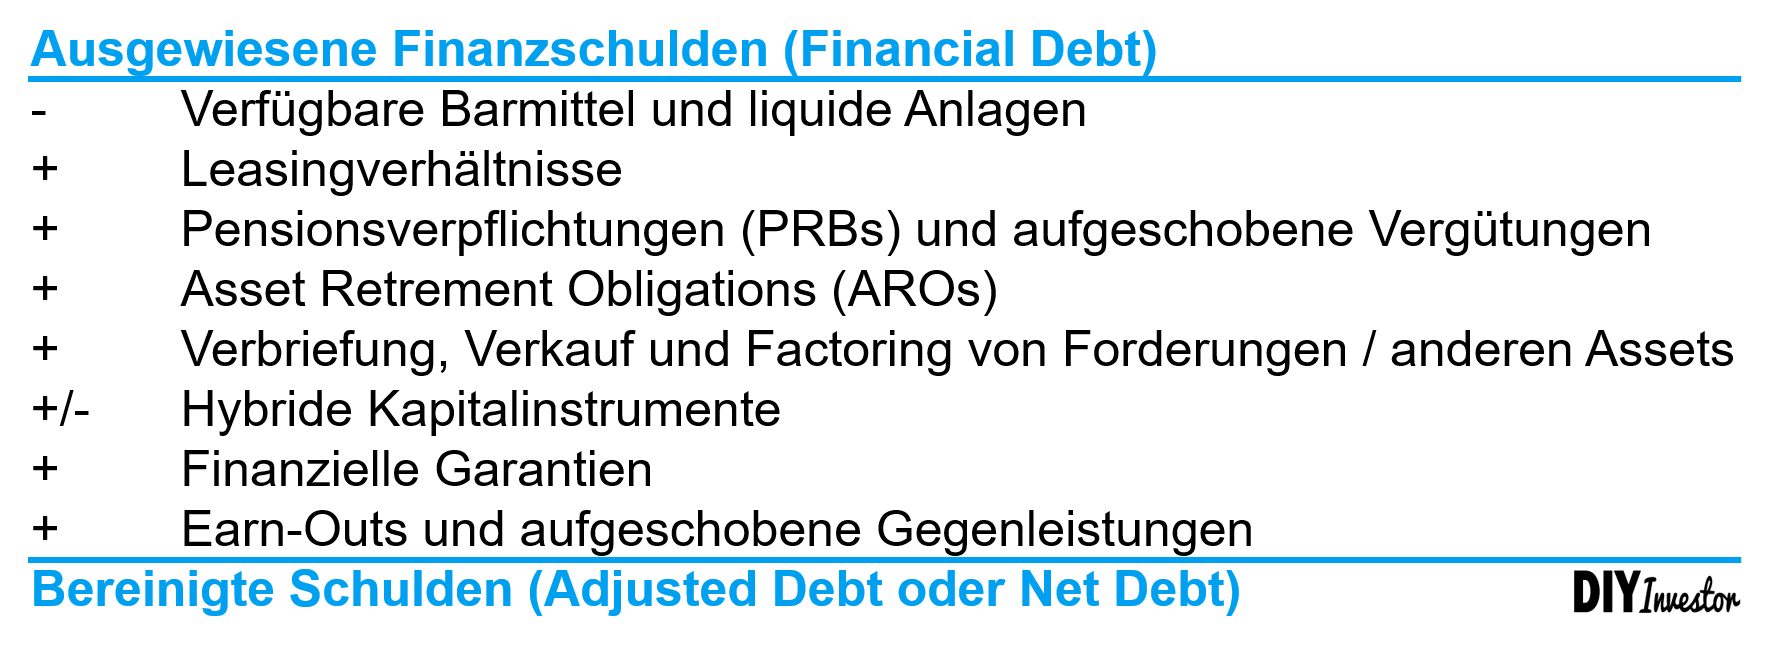 Net Debt - S&P Berechnung des Adjusted Debt